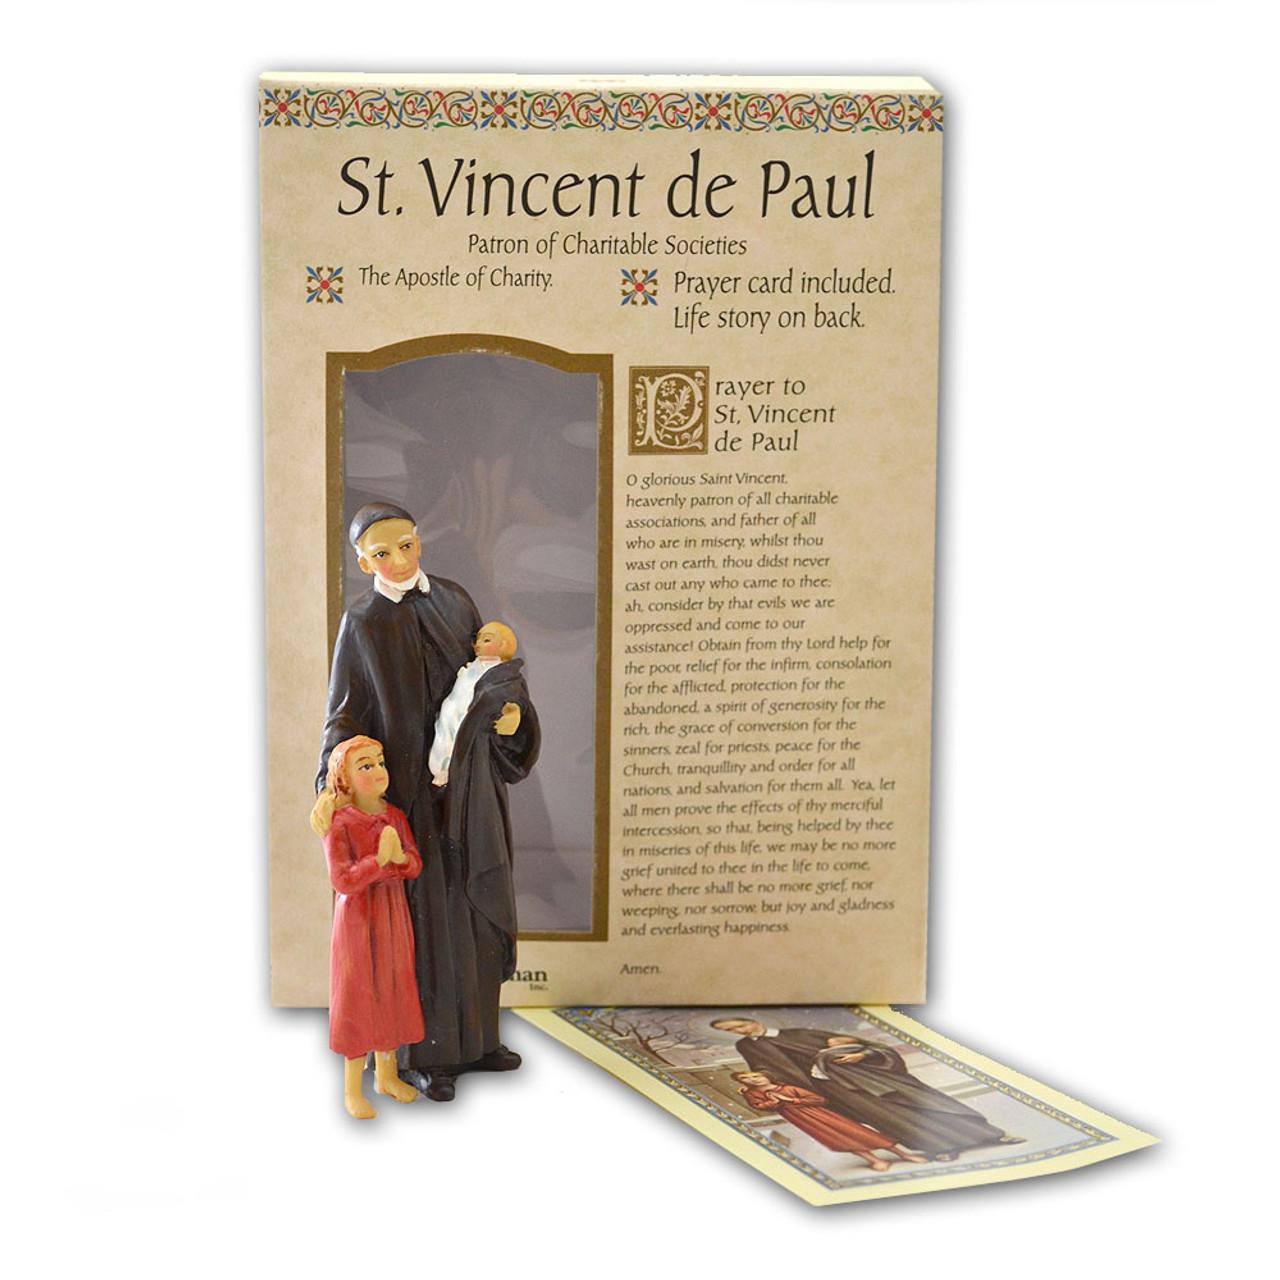 St Vincent de Paul 4 Inch Resin Statue